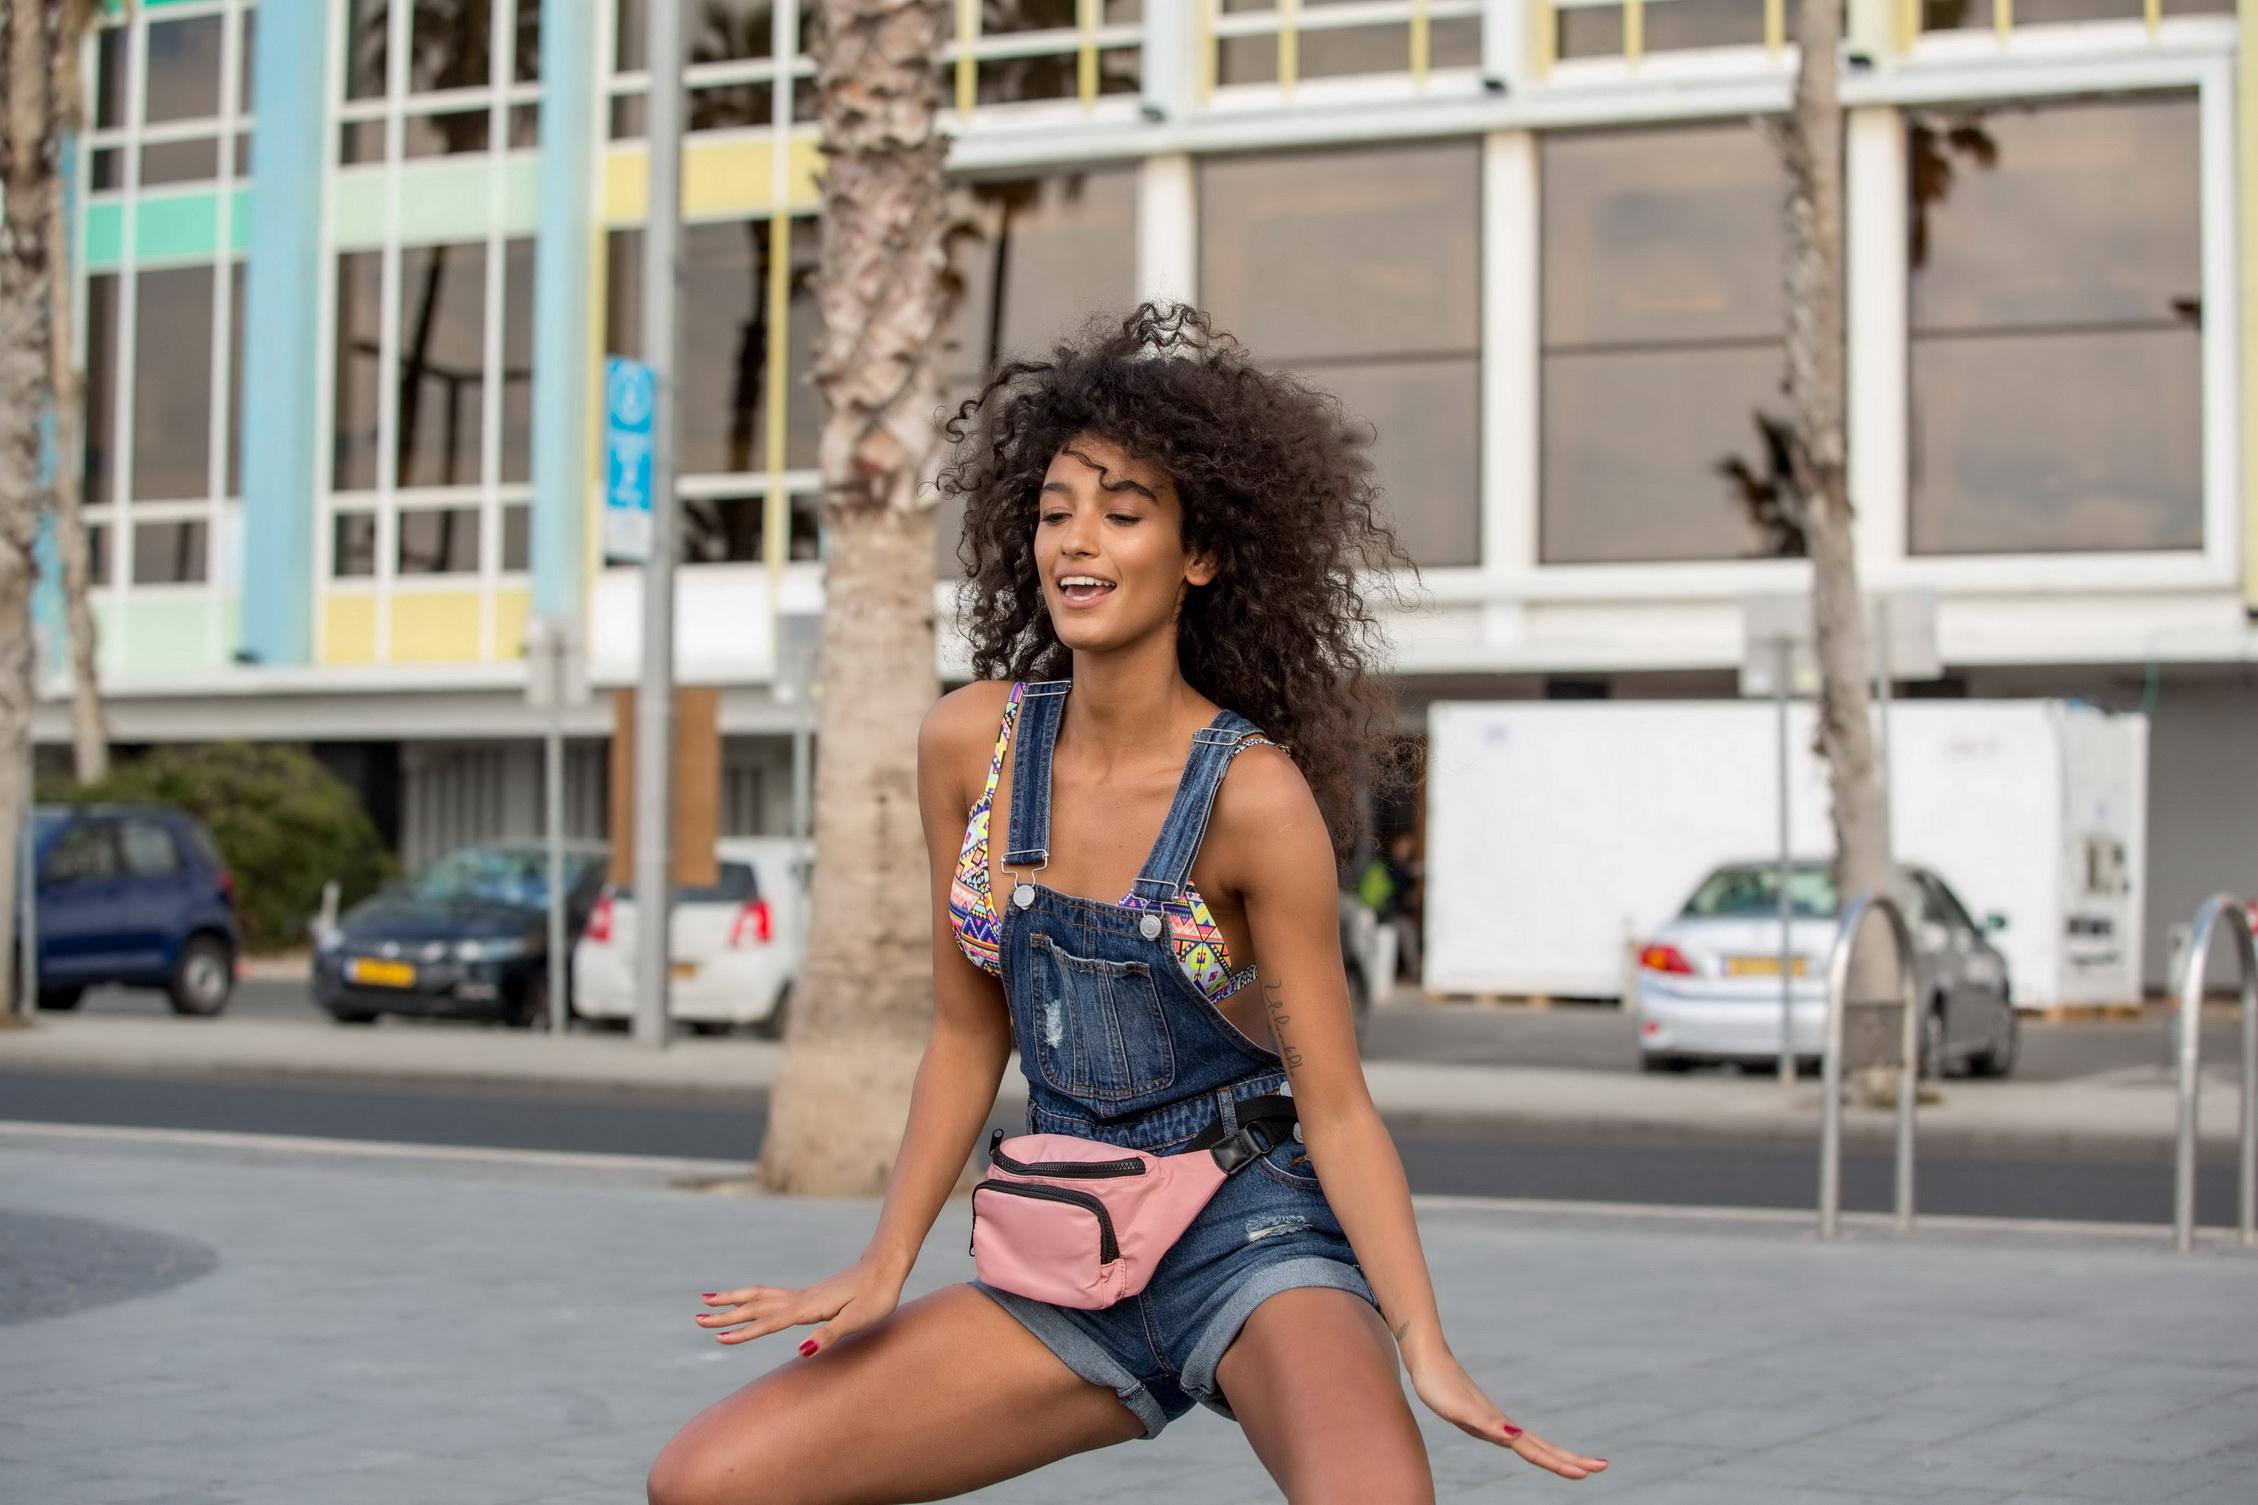 I LOVE ME... צילומי קמפיין הקיץ של קסטרו מעולם לא היה לוהט יותר צילום אורית פניני